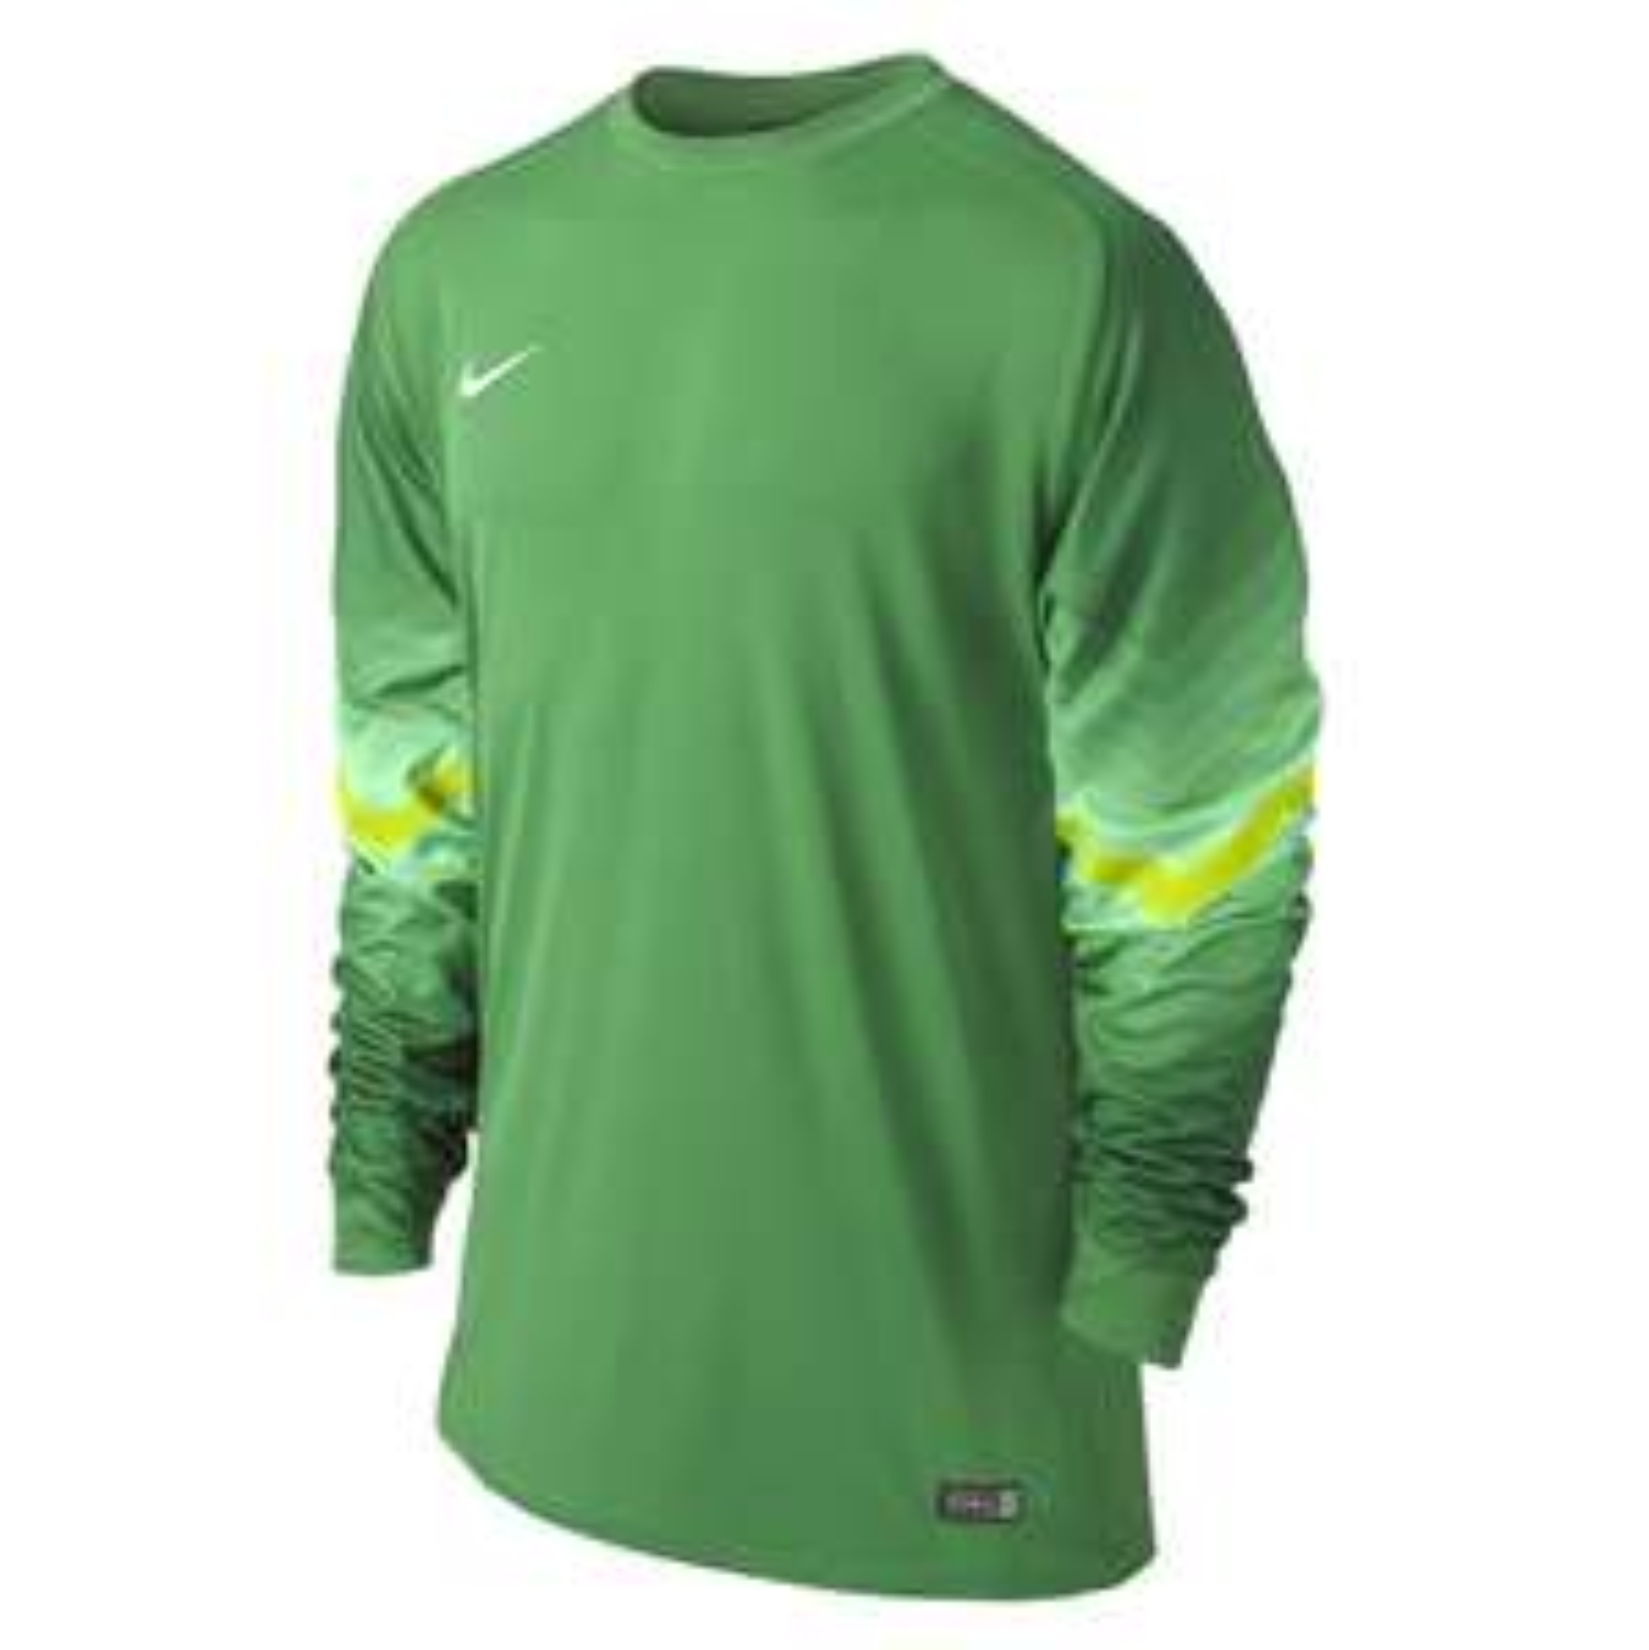 Kids Nike Goleiro GK Jersey £10.50 @ Kitlocker plus £2.50 p&p